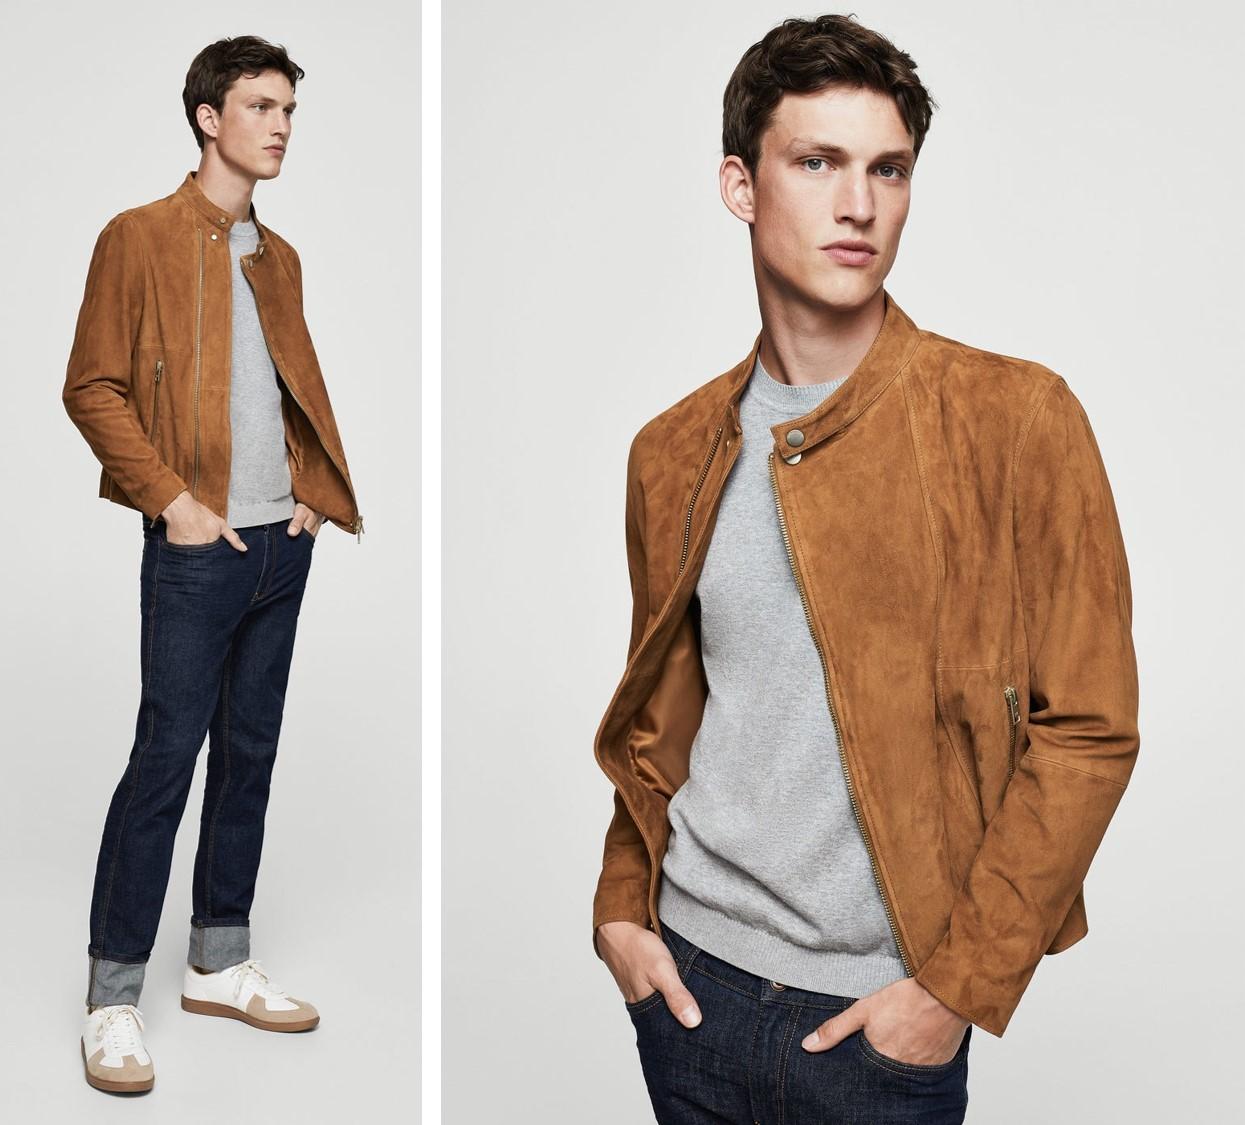 valentino and john asesores de imagen para hombres en barcelona chaquetas y cazadoras de otoño entretiempo 2017 mango cazadora de ante marrón